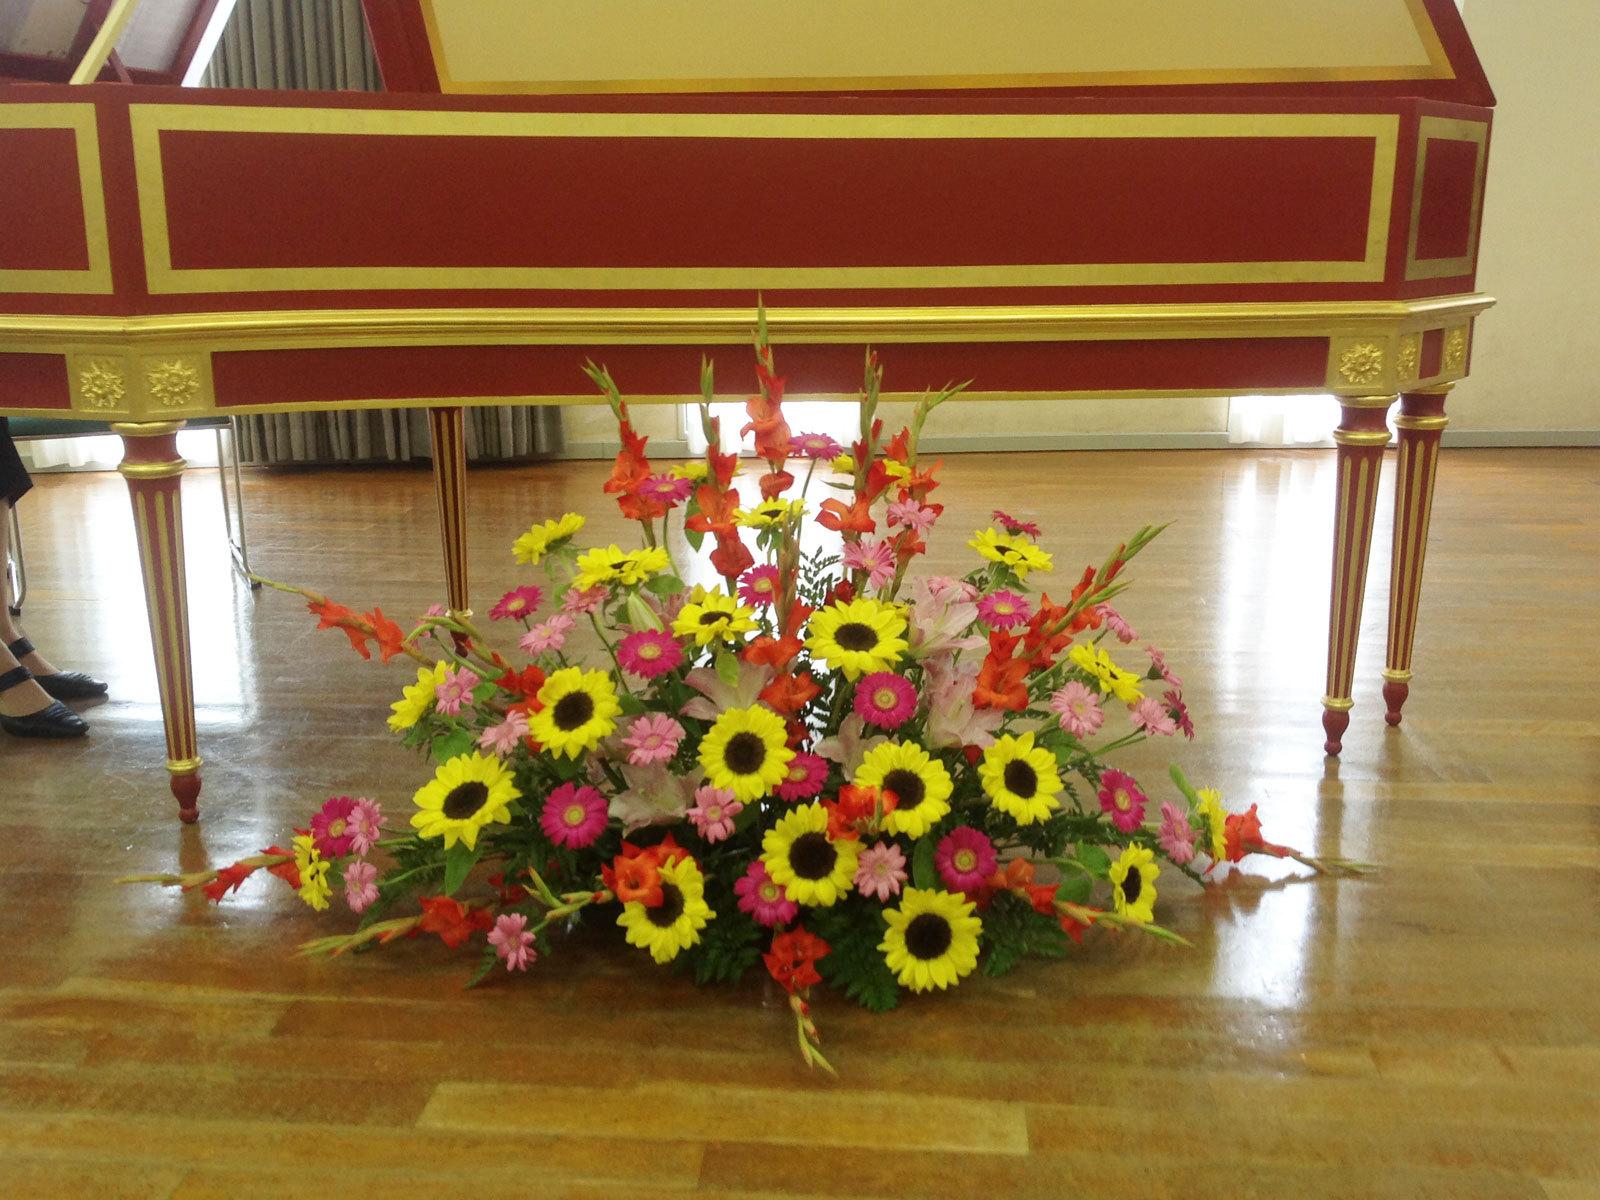 豊中市立文化芸術センター フロアー花